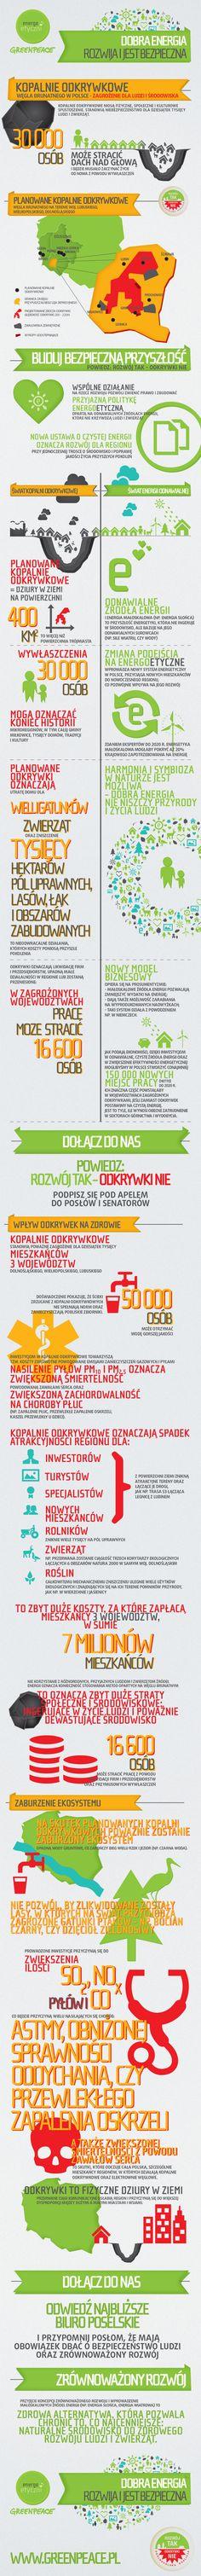 Ogromna infografika dotycząca energii i ochrony środowiska zrobiona przez BrandLabel dla Greenpeace.  http://greenpeace.pl/rozwoj-tak-odkrywki-nie/images/story.jpg